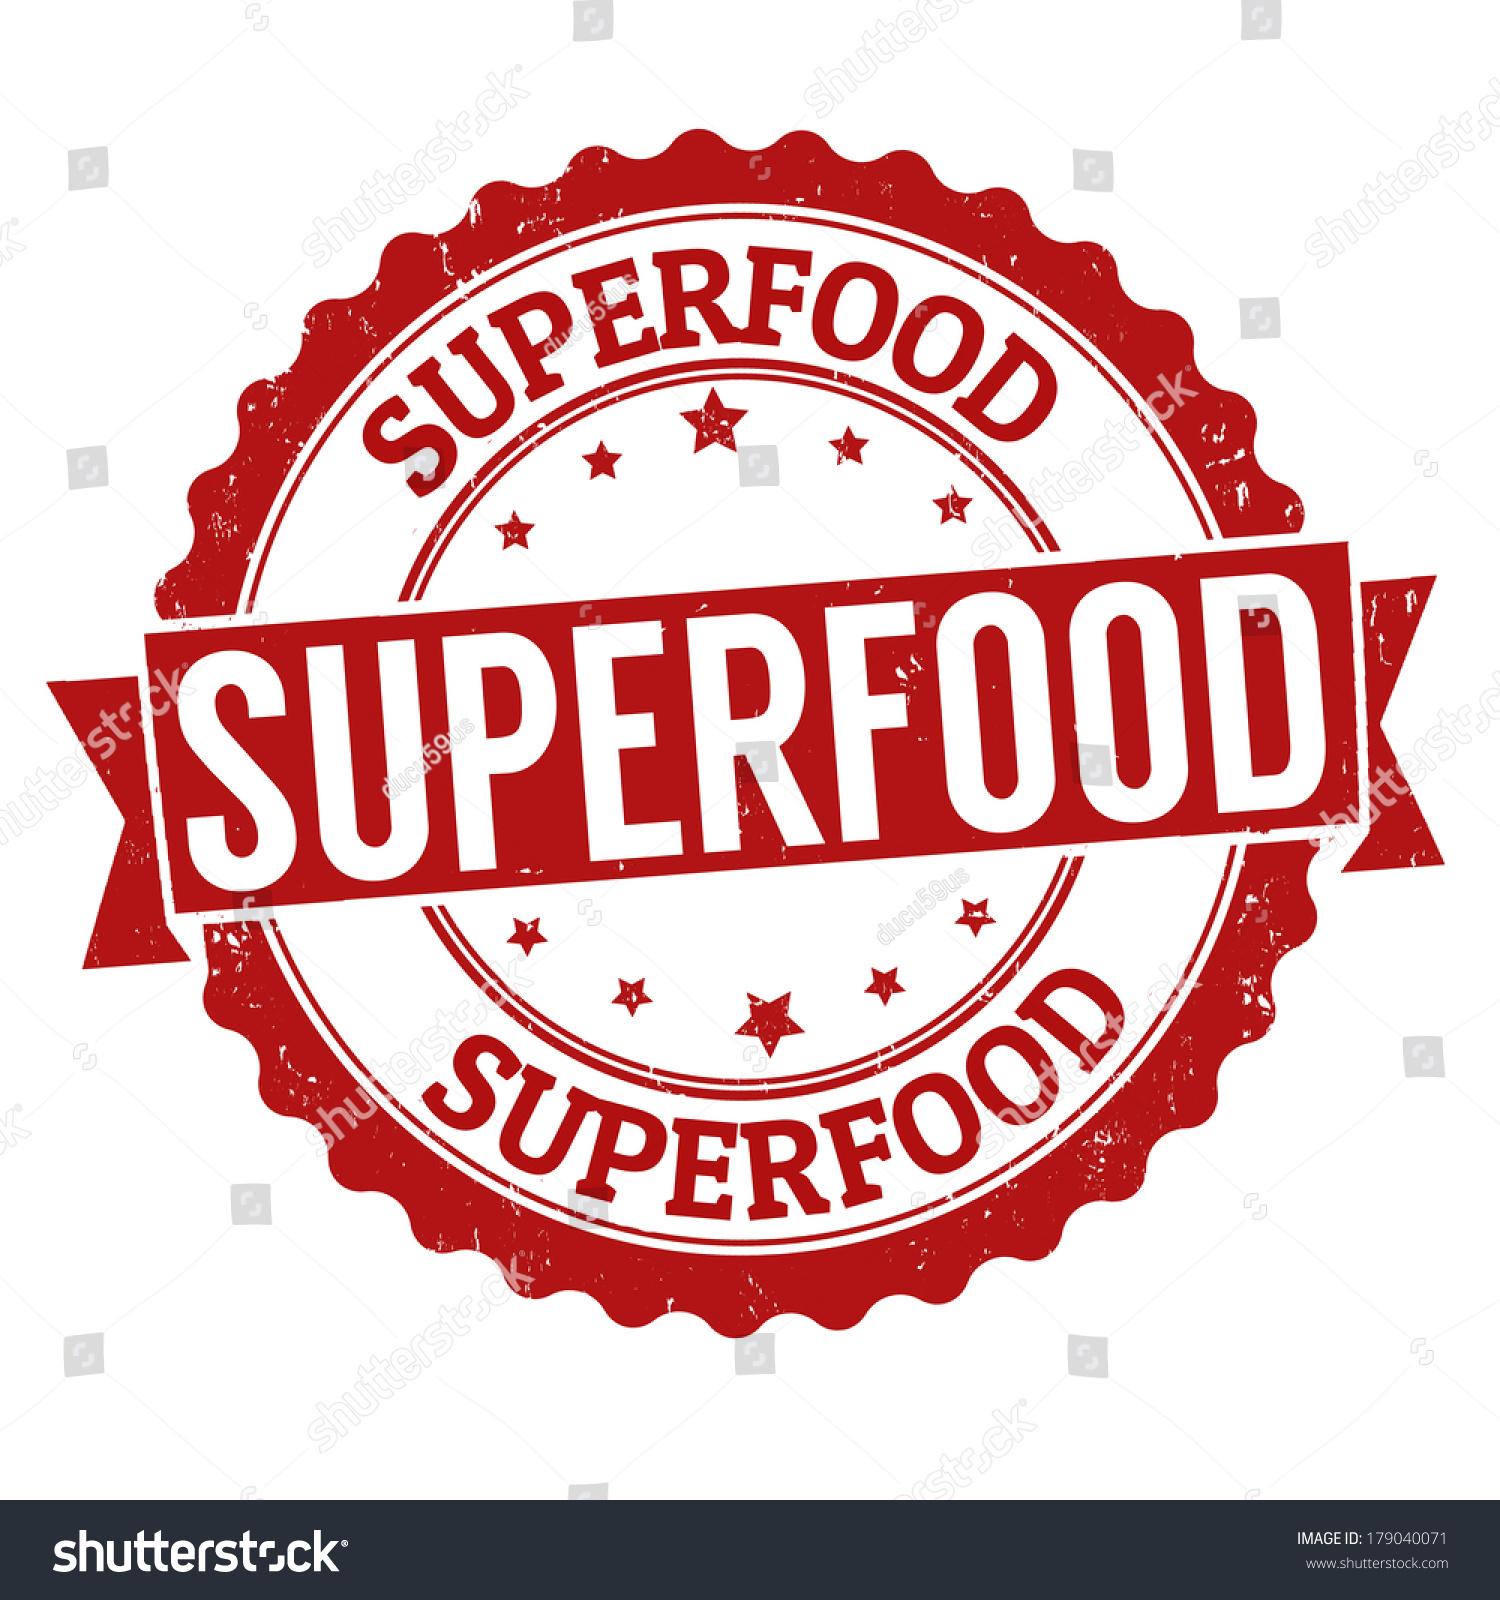 超级难看的橡皮图章上白色,矢量图-食品及饮料,符号